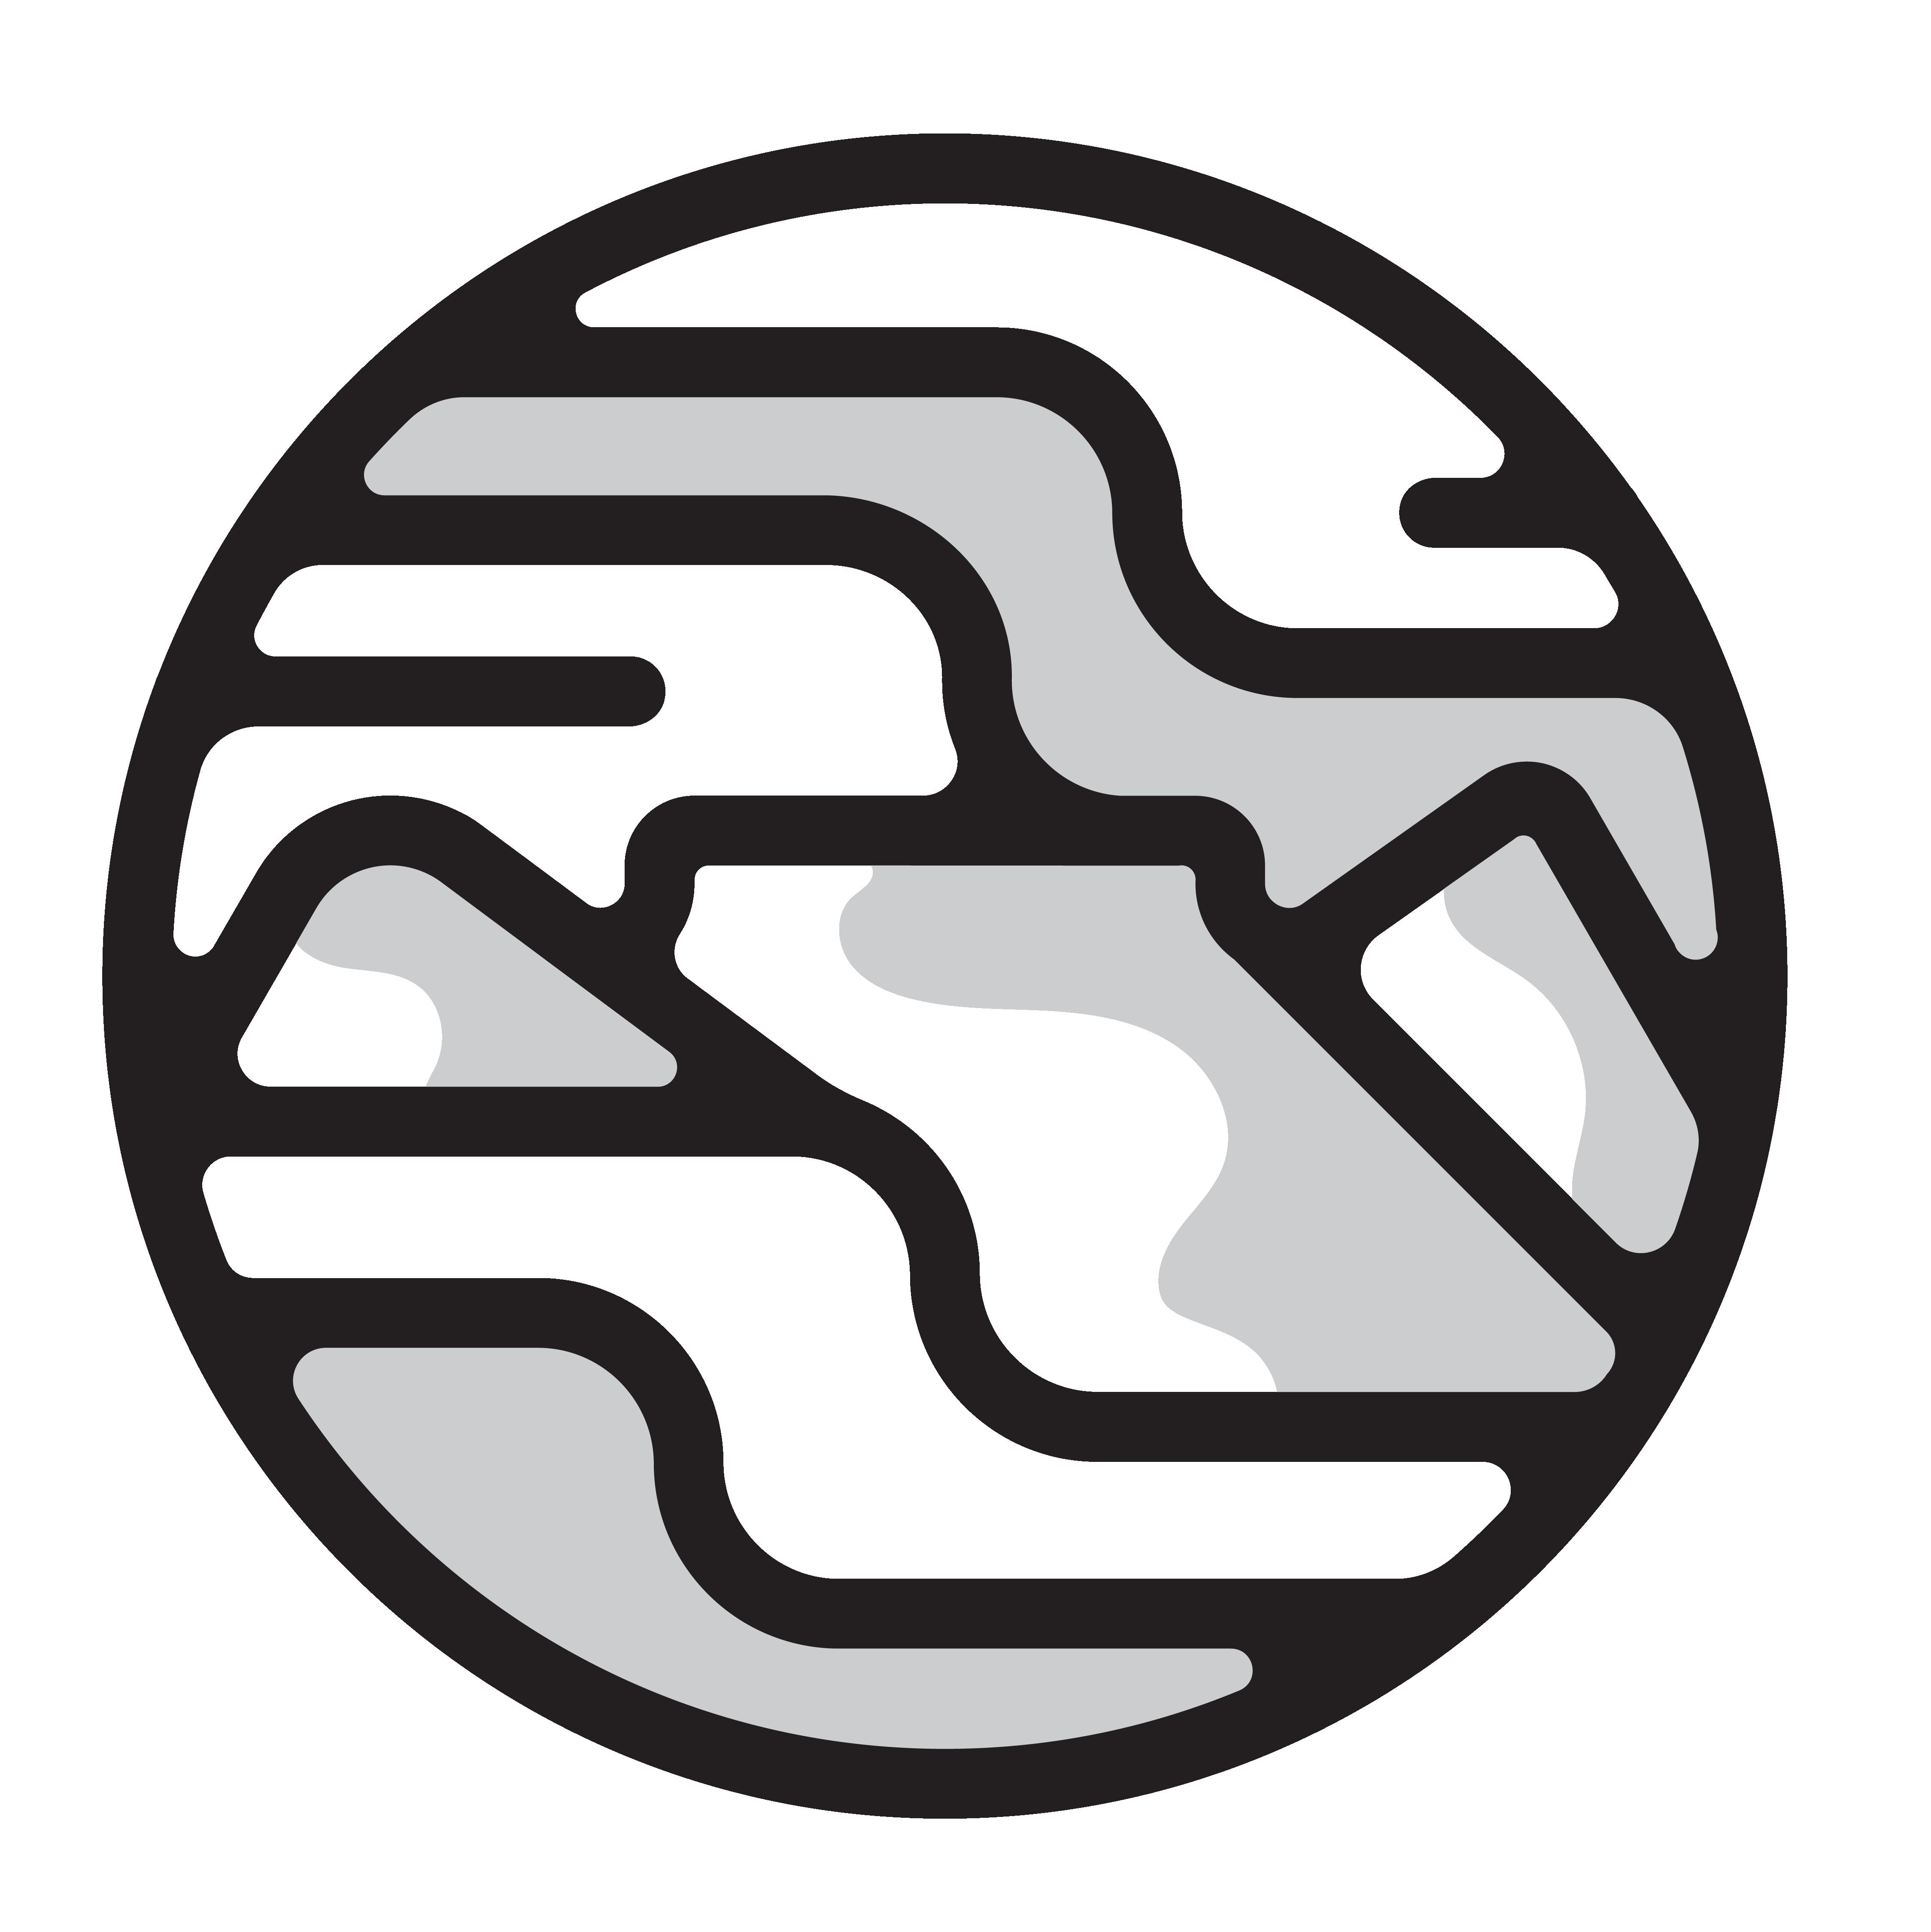 grey scale La Montagna icon for watermark